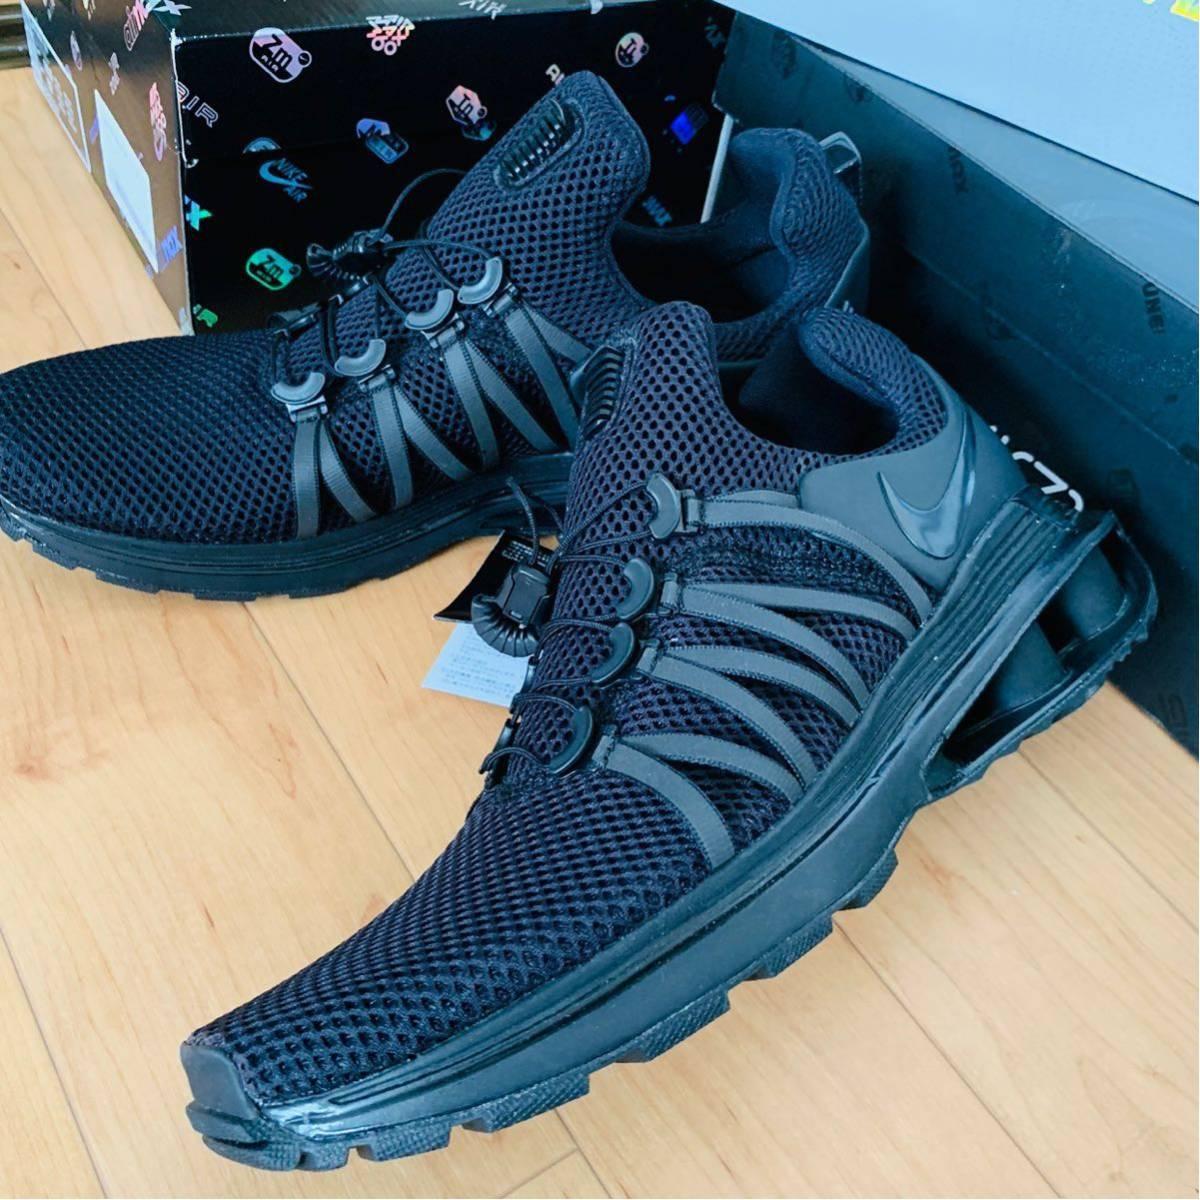 貴重な廃盤モデル!Nike SHOX Gravity 29cm ブラック ナイキ ショックス グラビティUSA エアマックス Vapormax 黒R4 Air Max ギャルソン